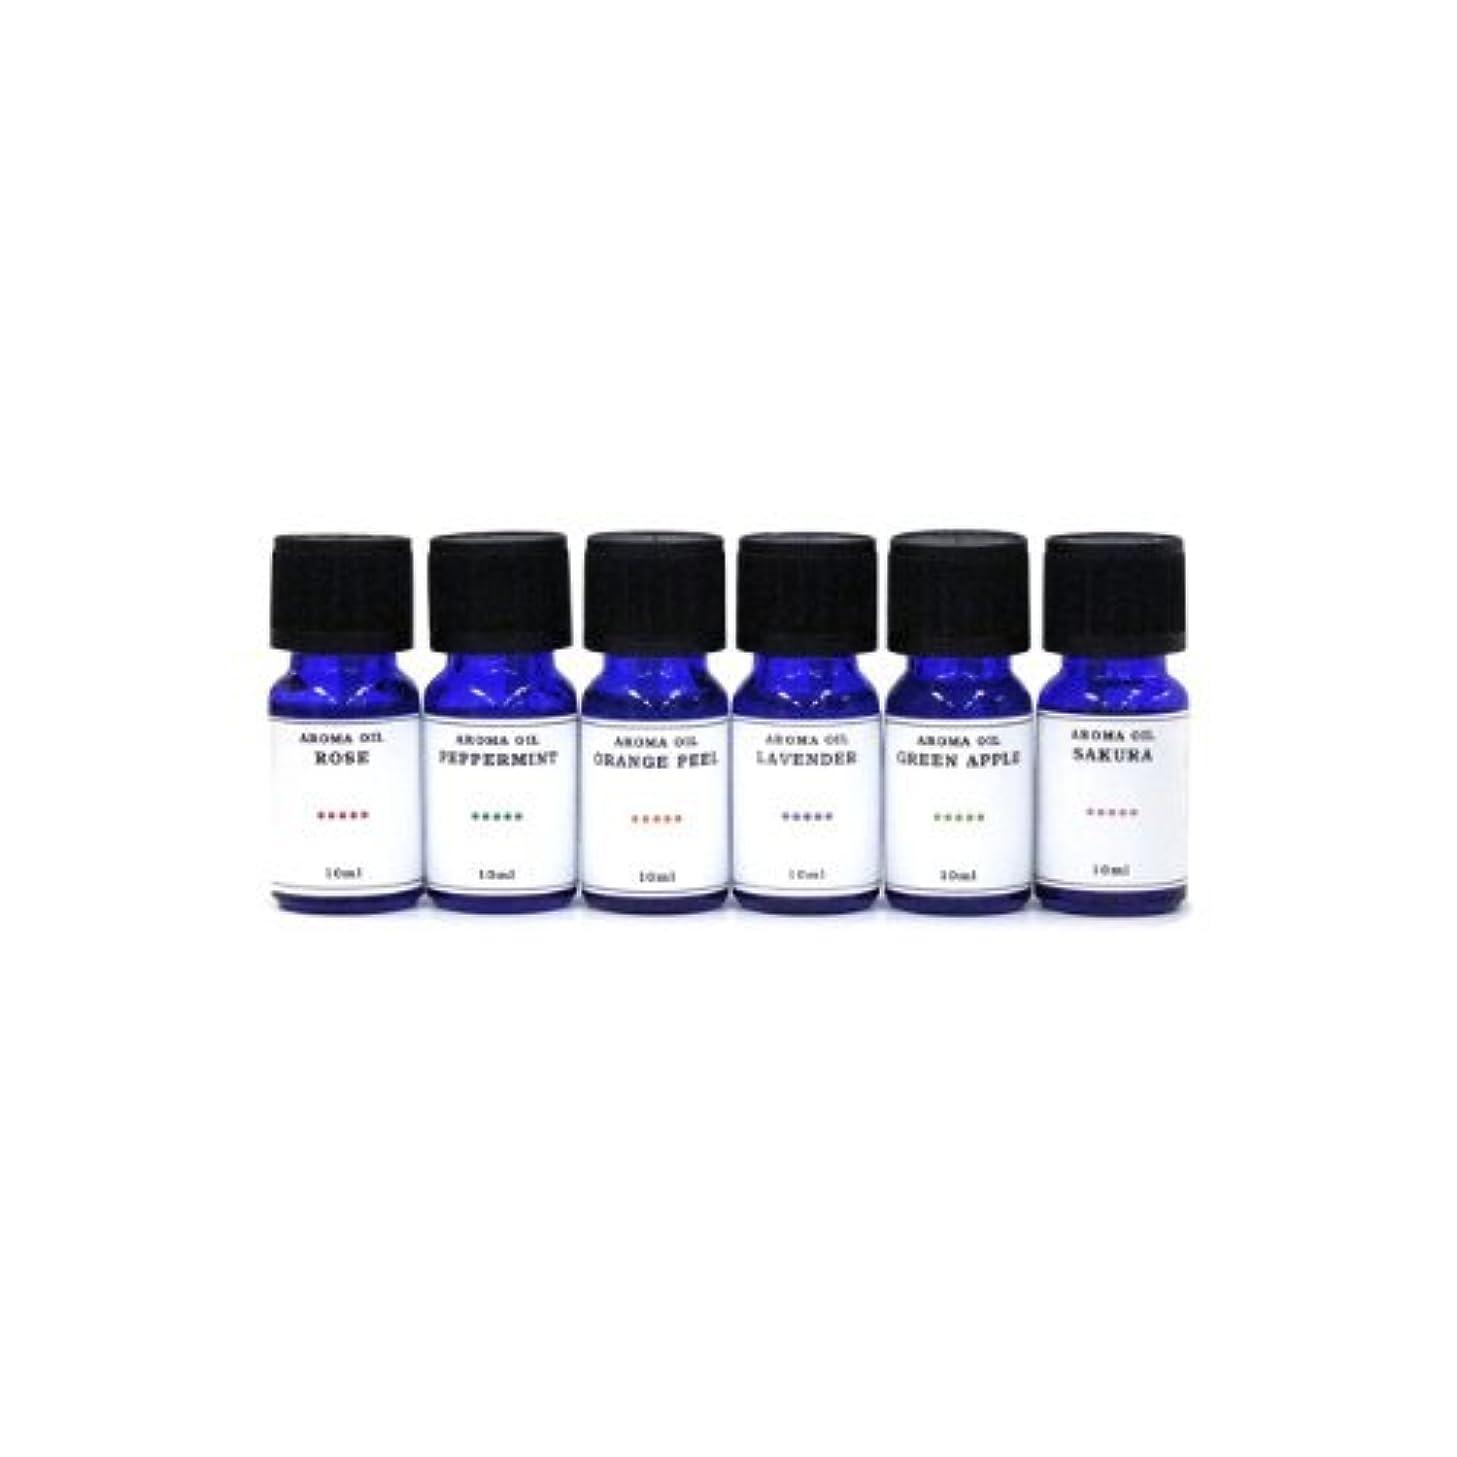 ノミネート居住者豪華な水溶性アロマオイル 6種の香りセット ラベンダー/ペパーミント/オレンジピール/サクラ/グリーンアップル/ローズ